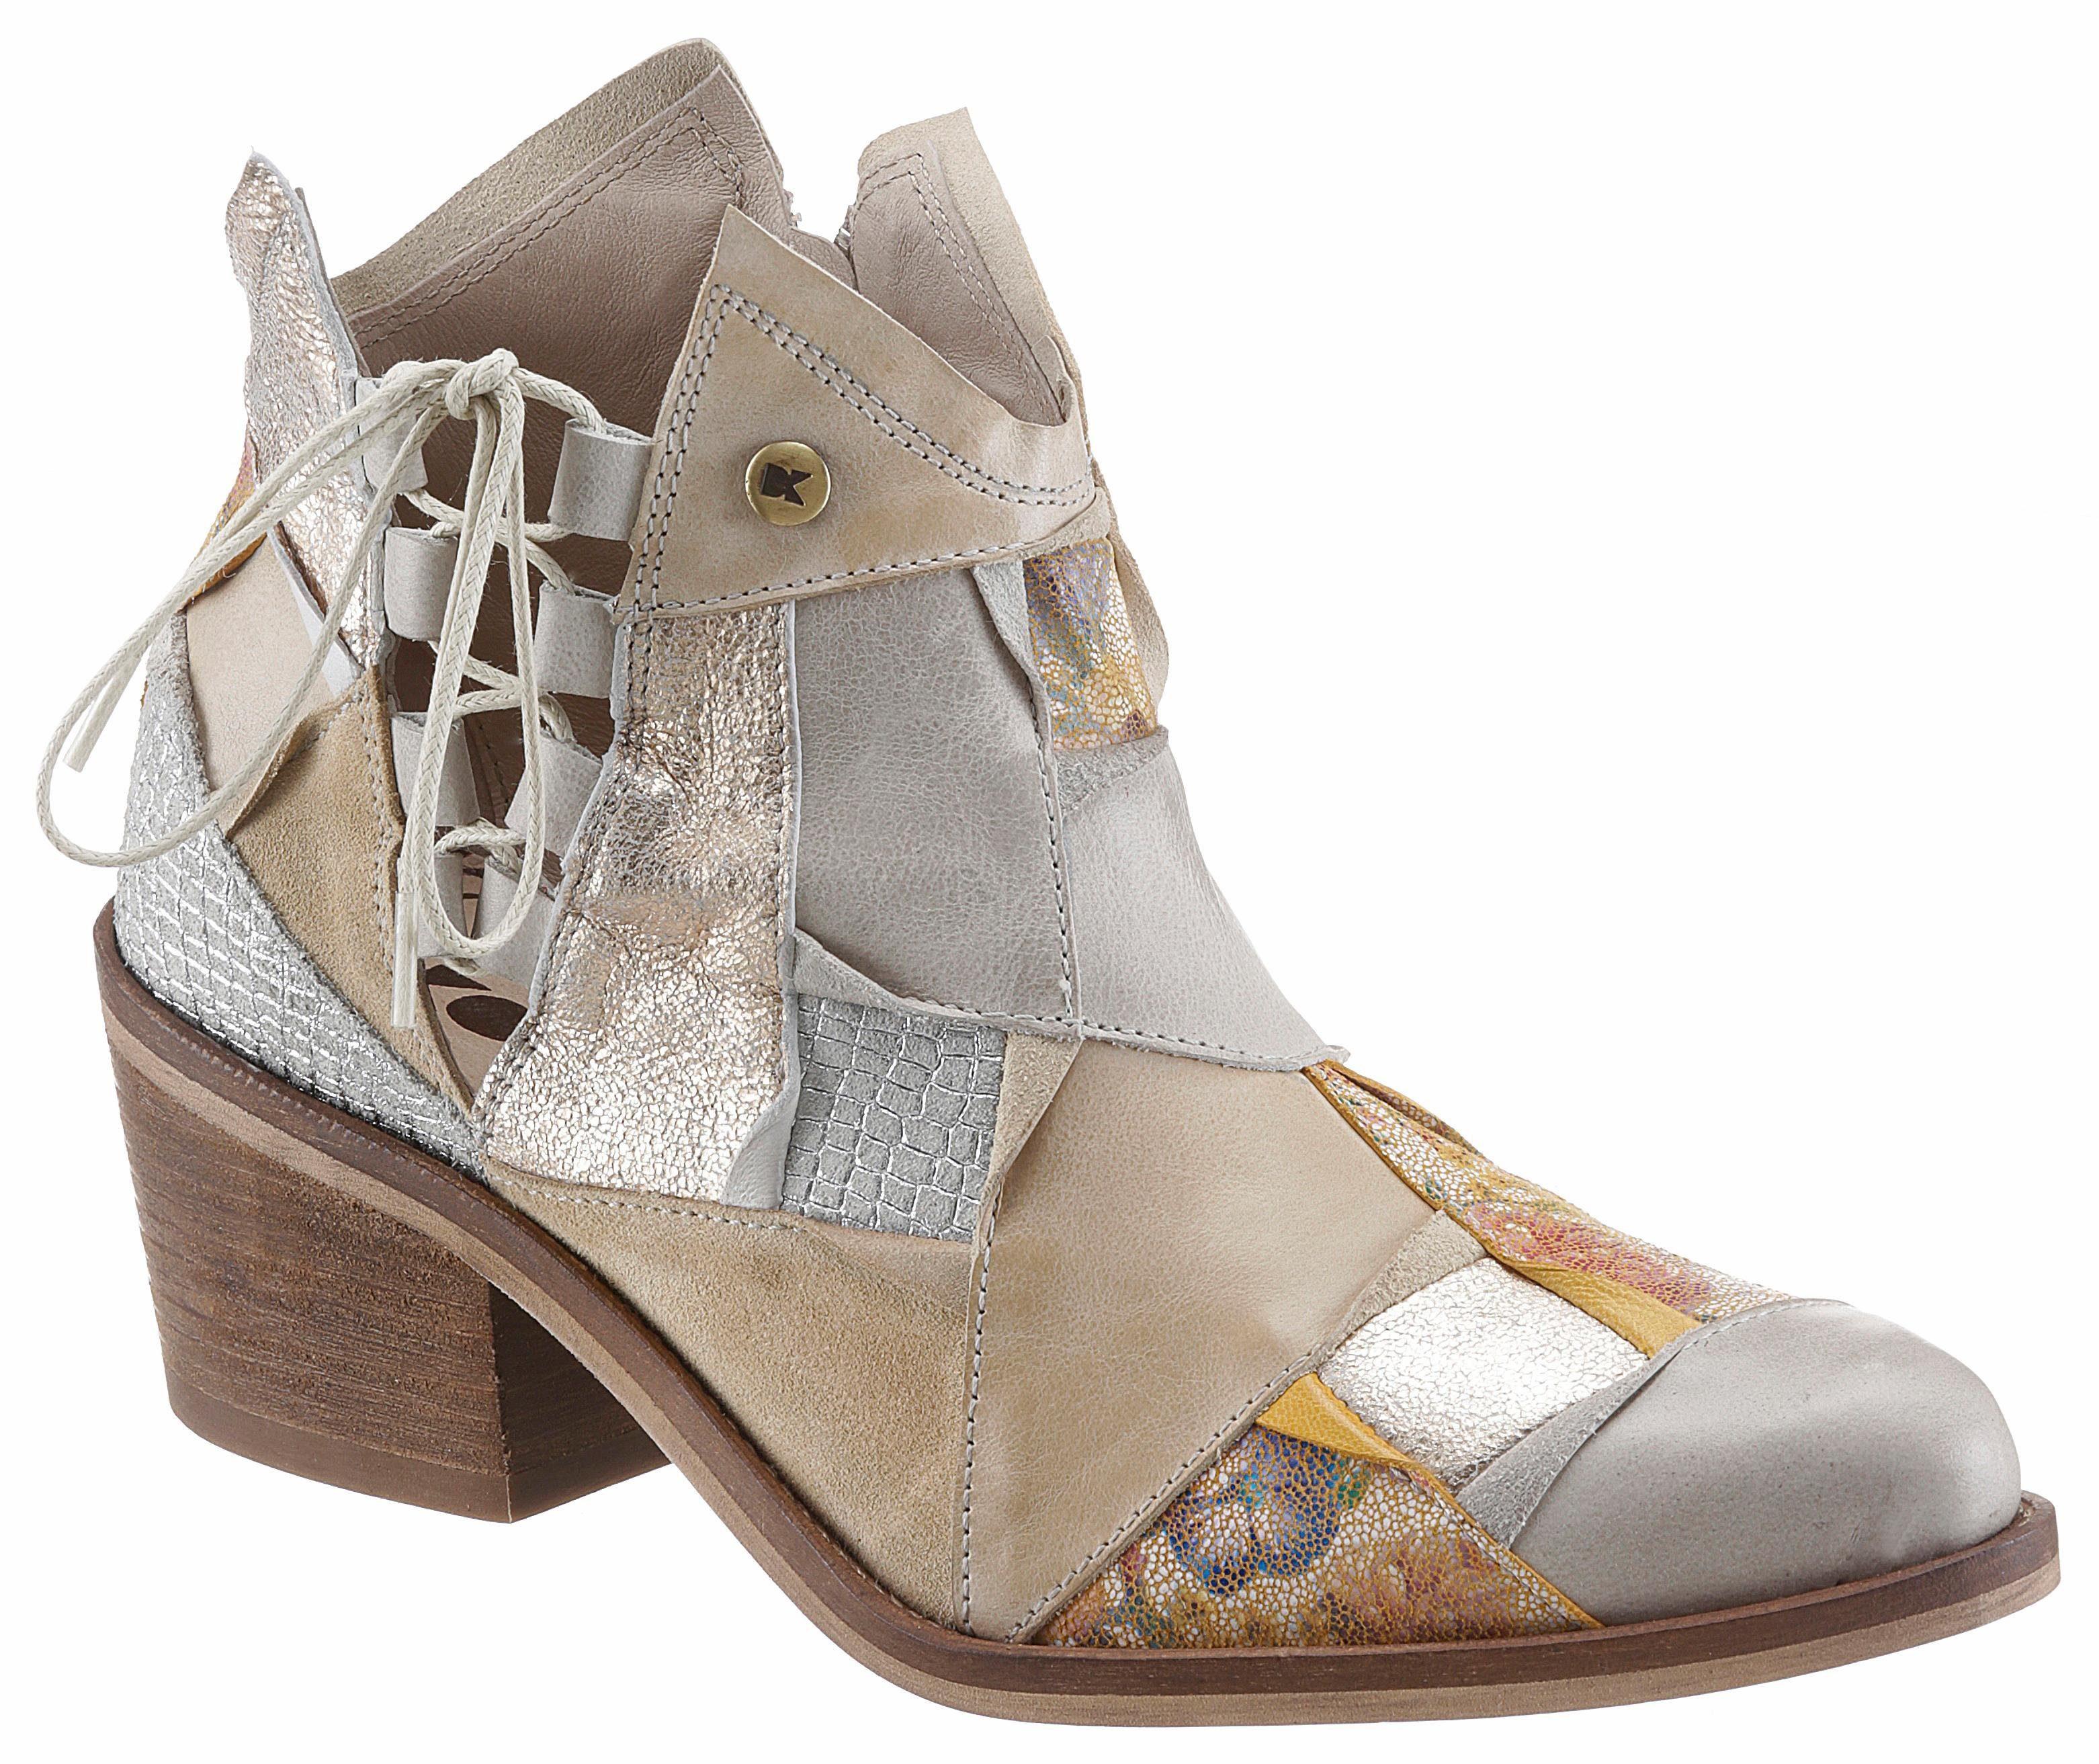 DKODE Jolene Cowboy Stiefelette, mit schönen Metallic-Details online kaufen  taupe-multi